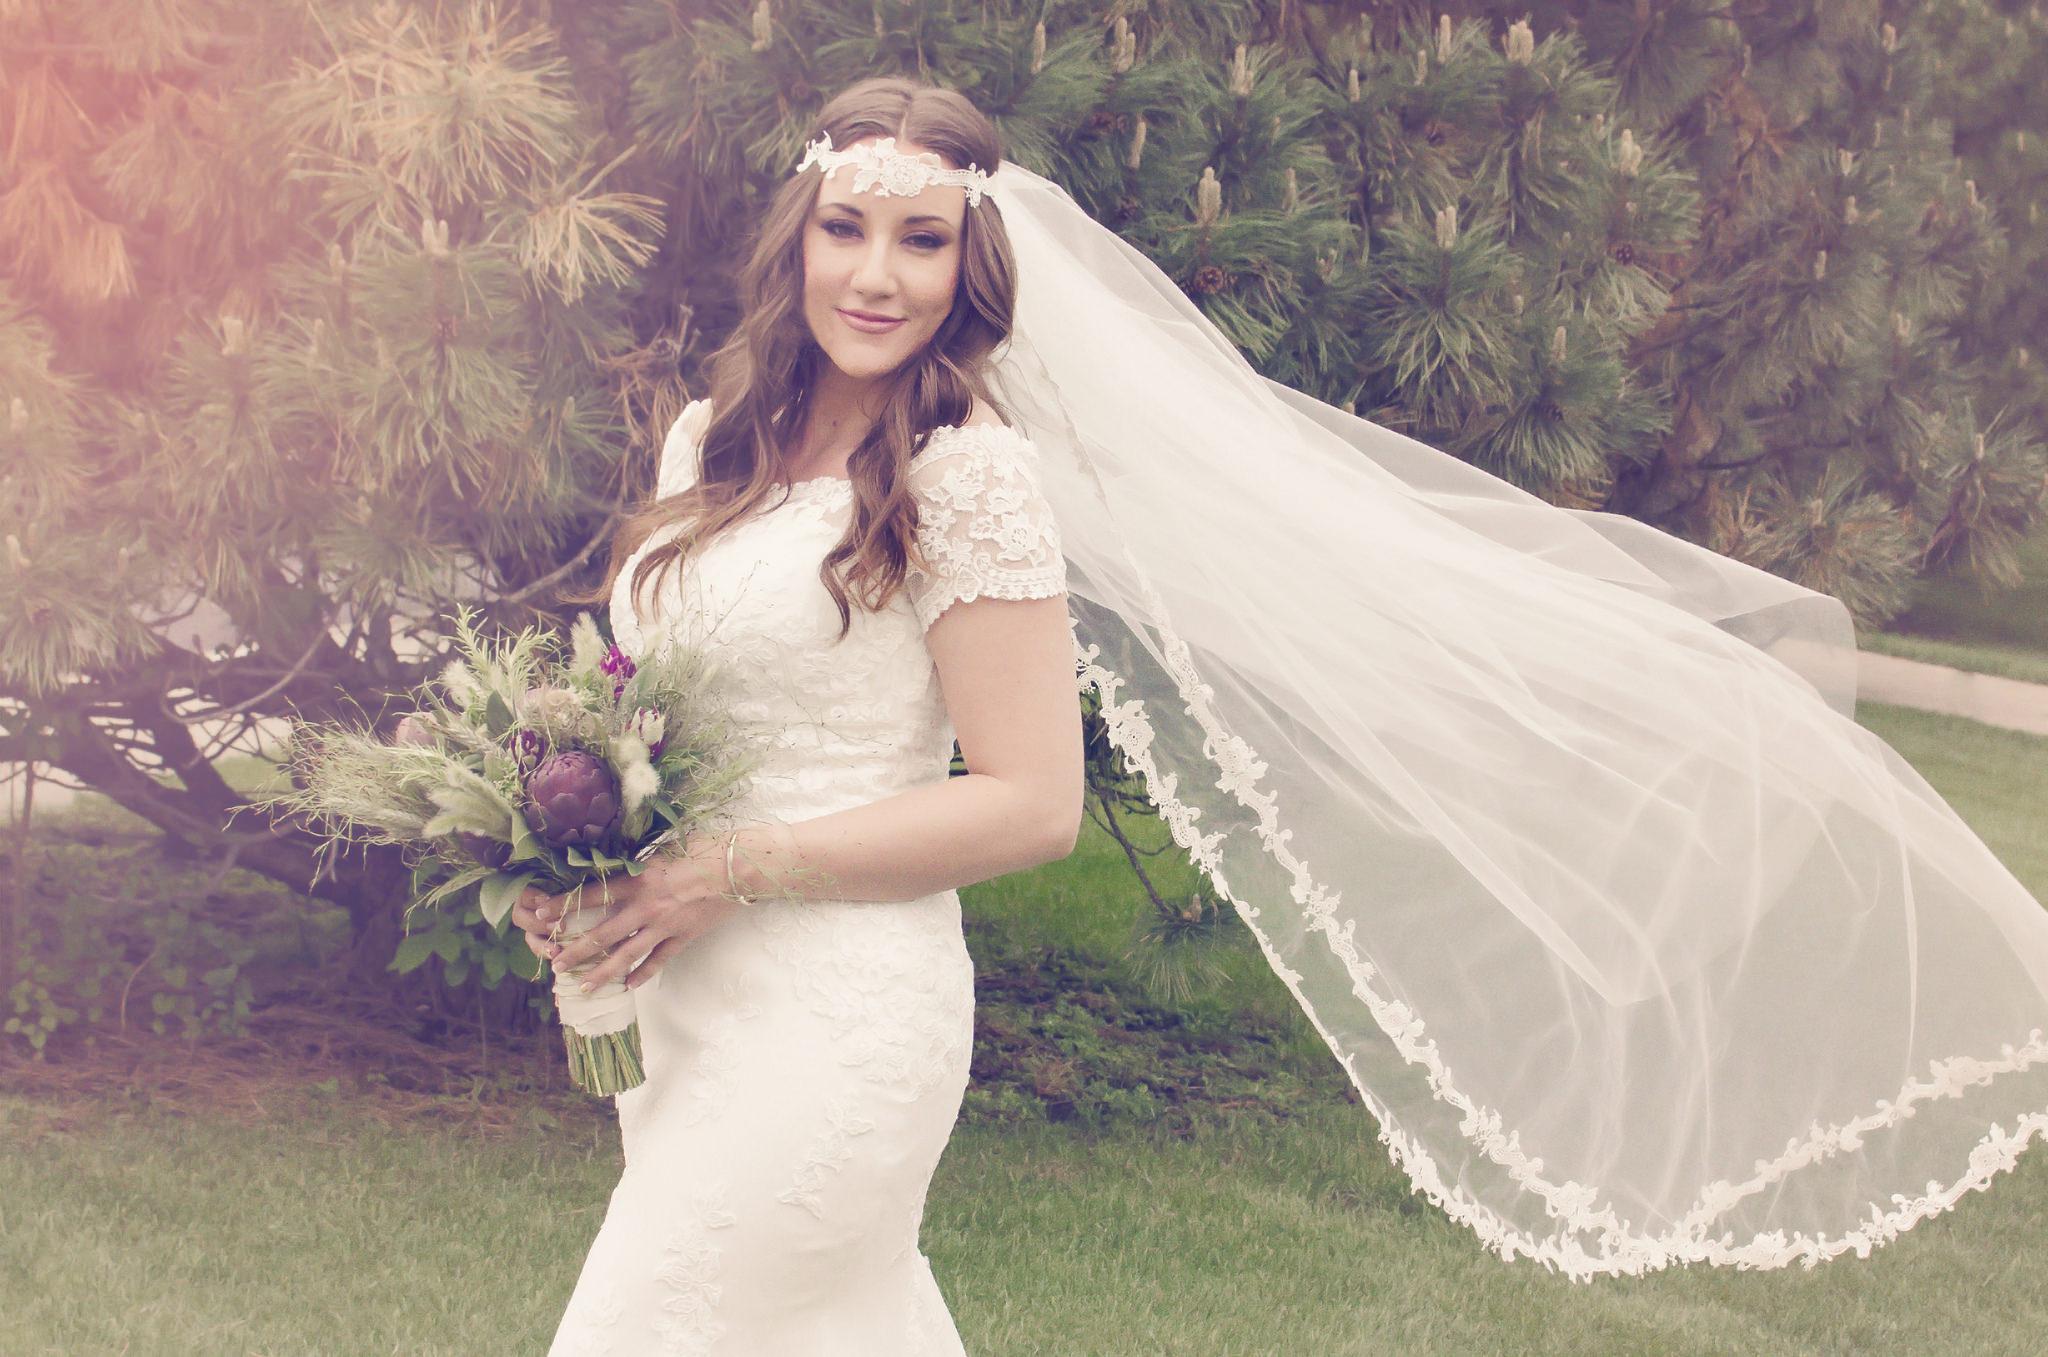 kristine_wedding_brides_spiritedtable_photo15.jpg